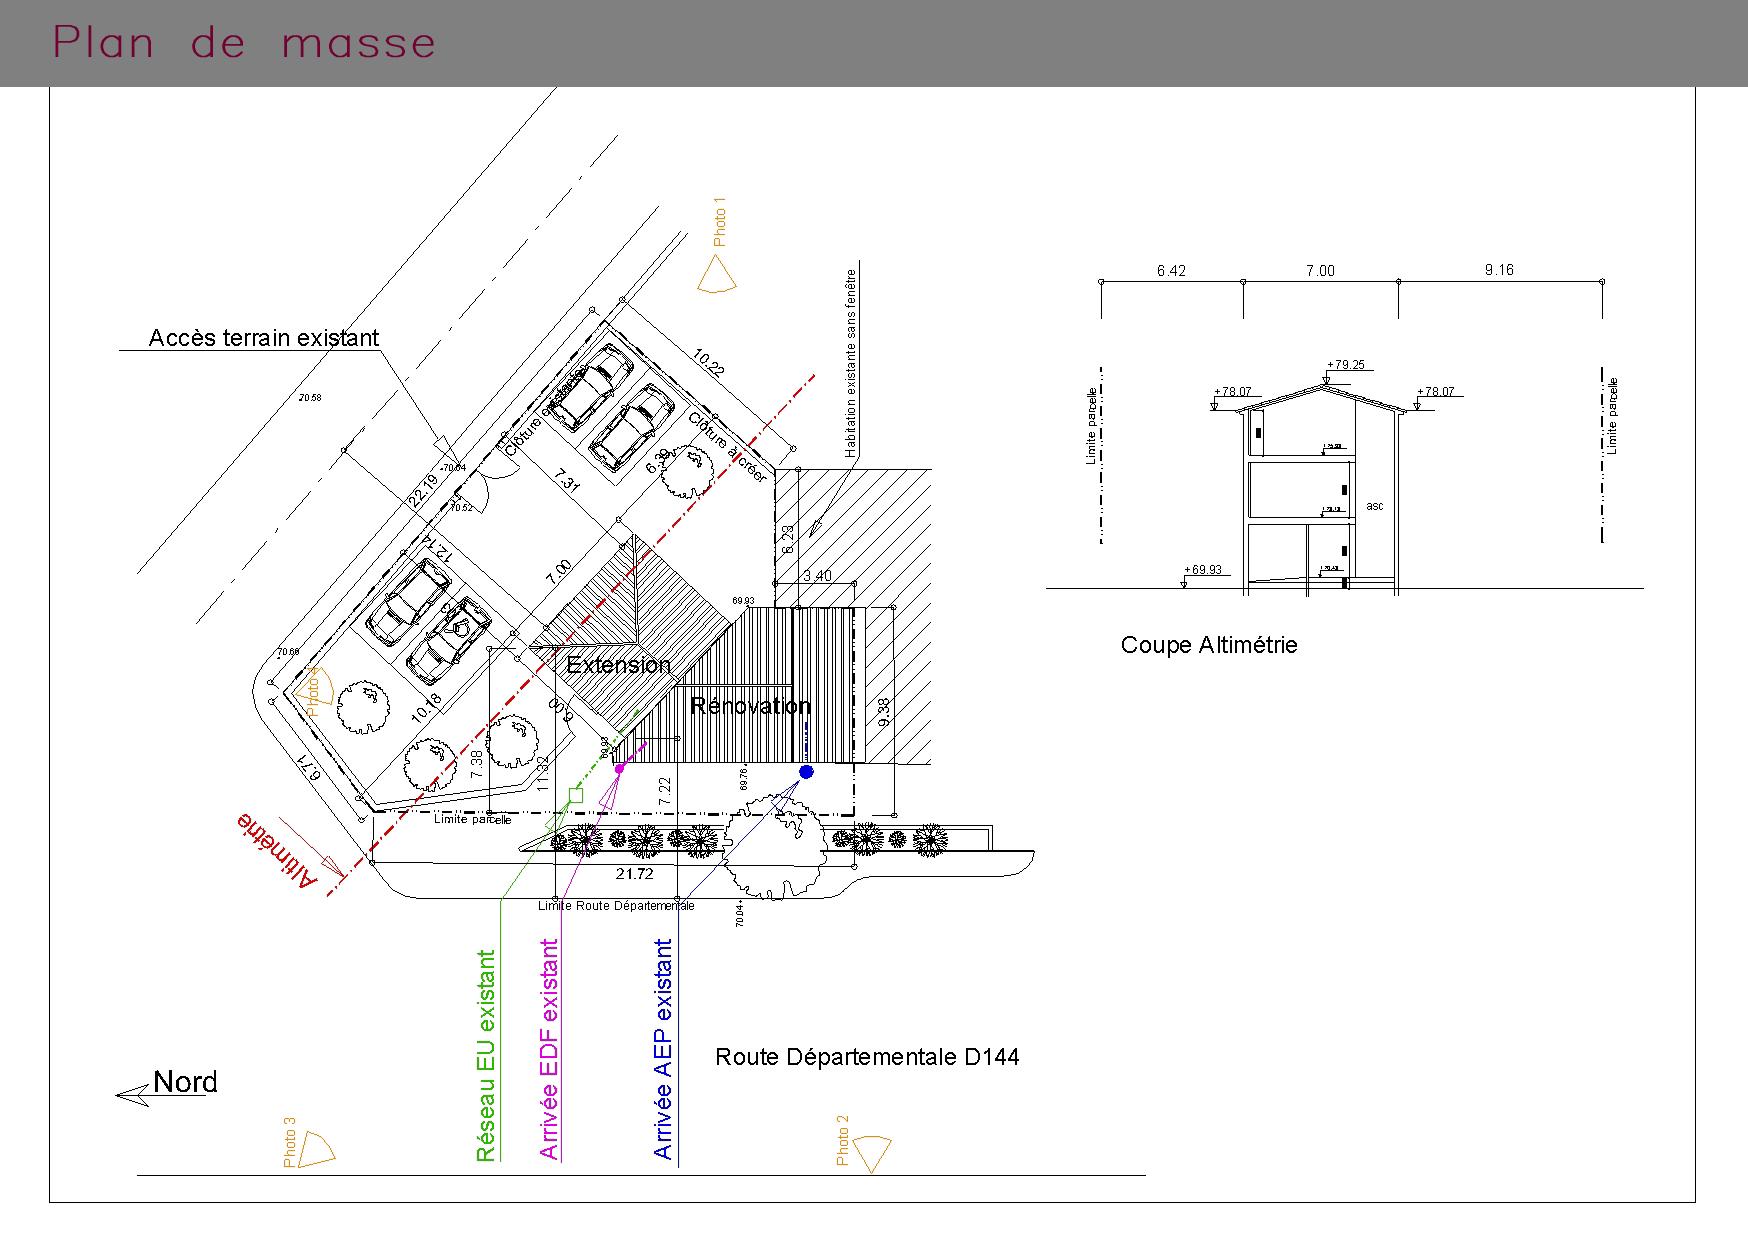 Plan de masse d'une habitation aux normes PMR